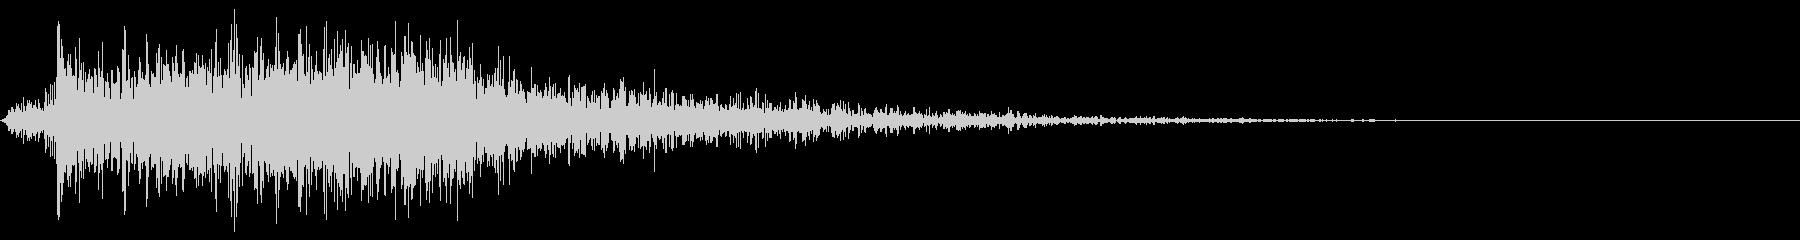 シューッという音EC07_89_3の未再生の波形